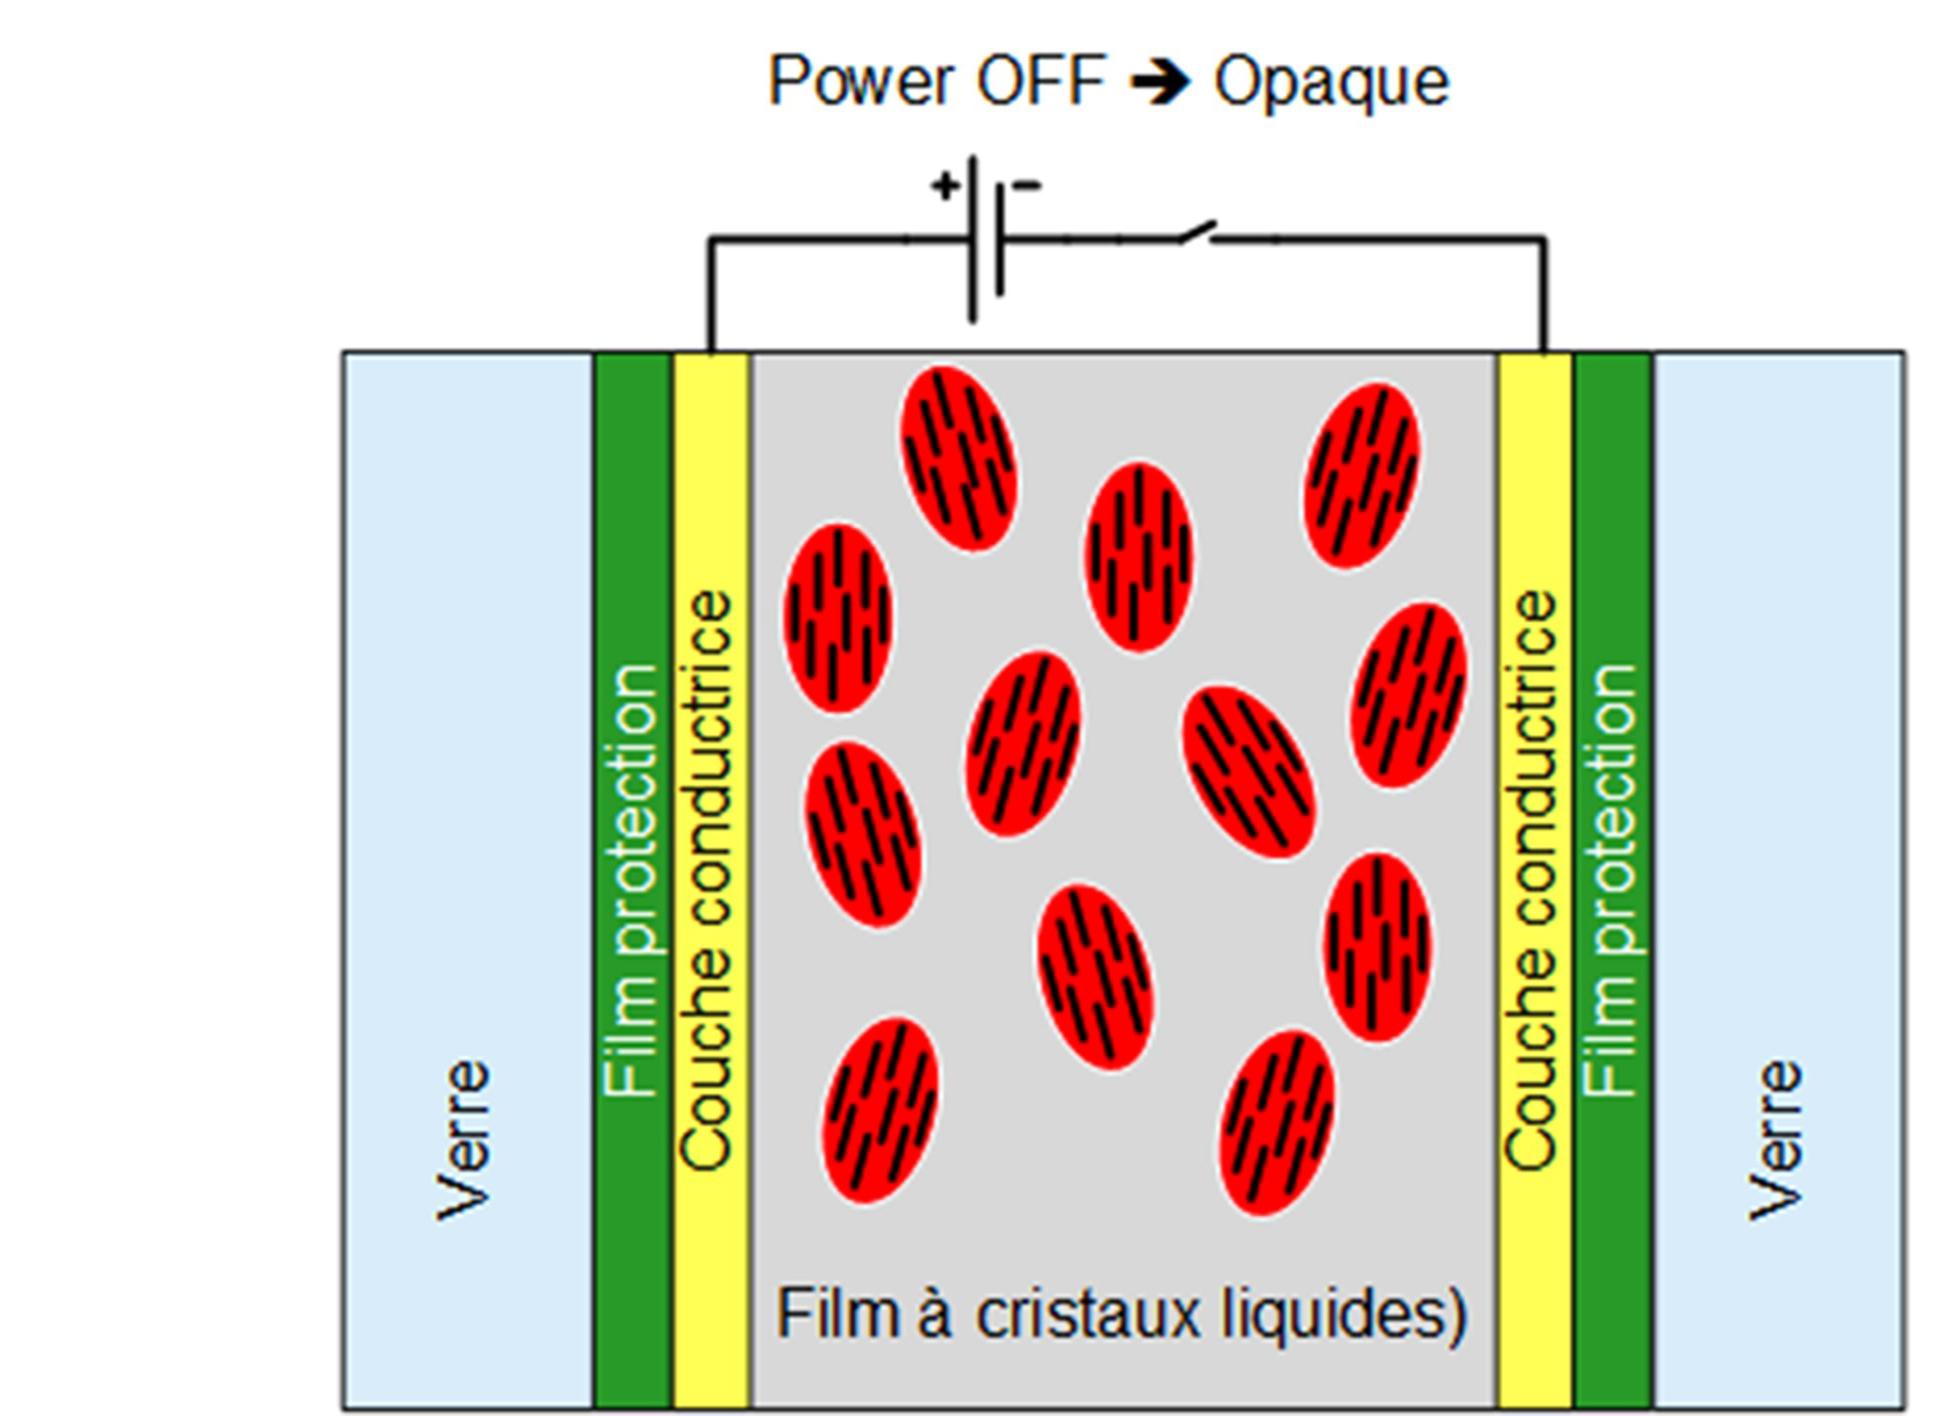 Schéma de principe du vitrage ou verre opacifiant, il est opaque lorsqu'il n'est pas alimenté.